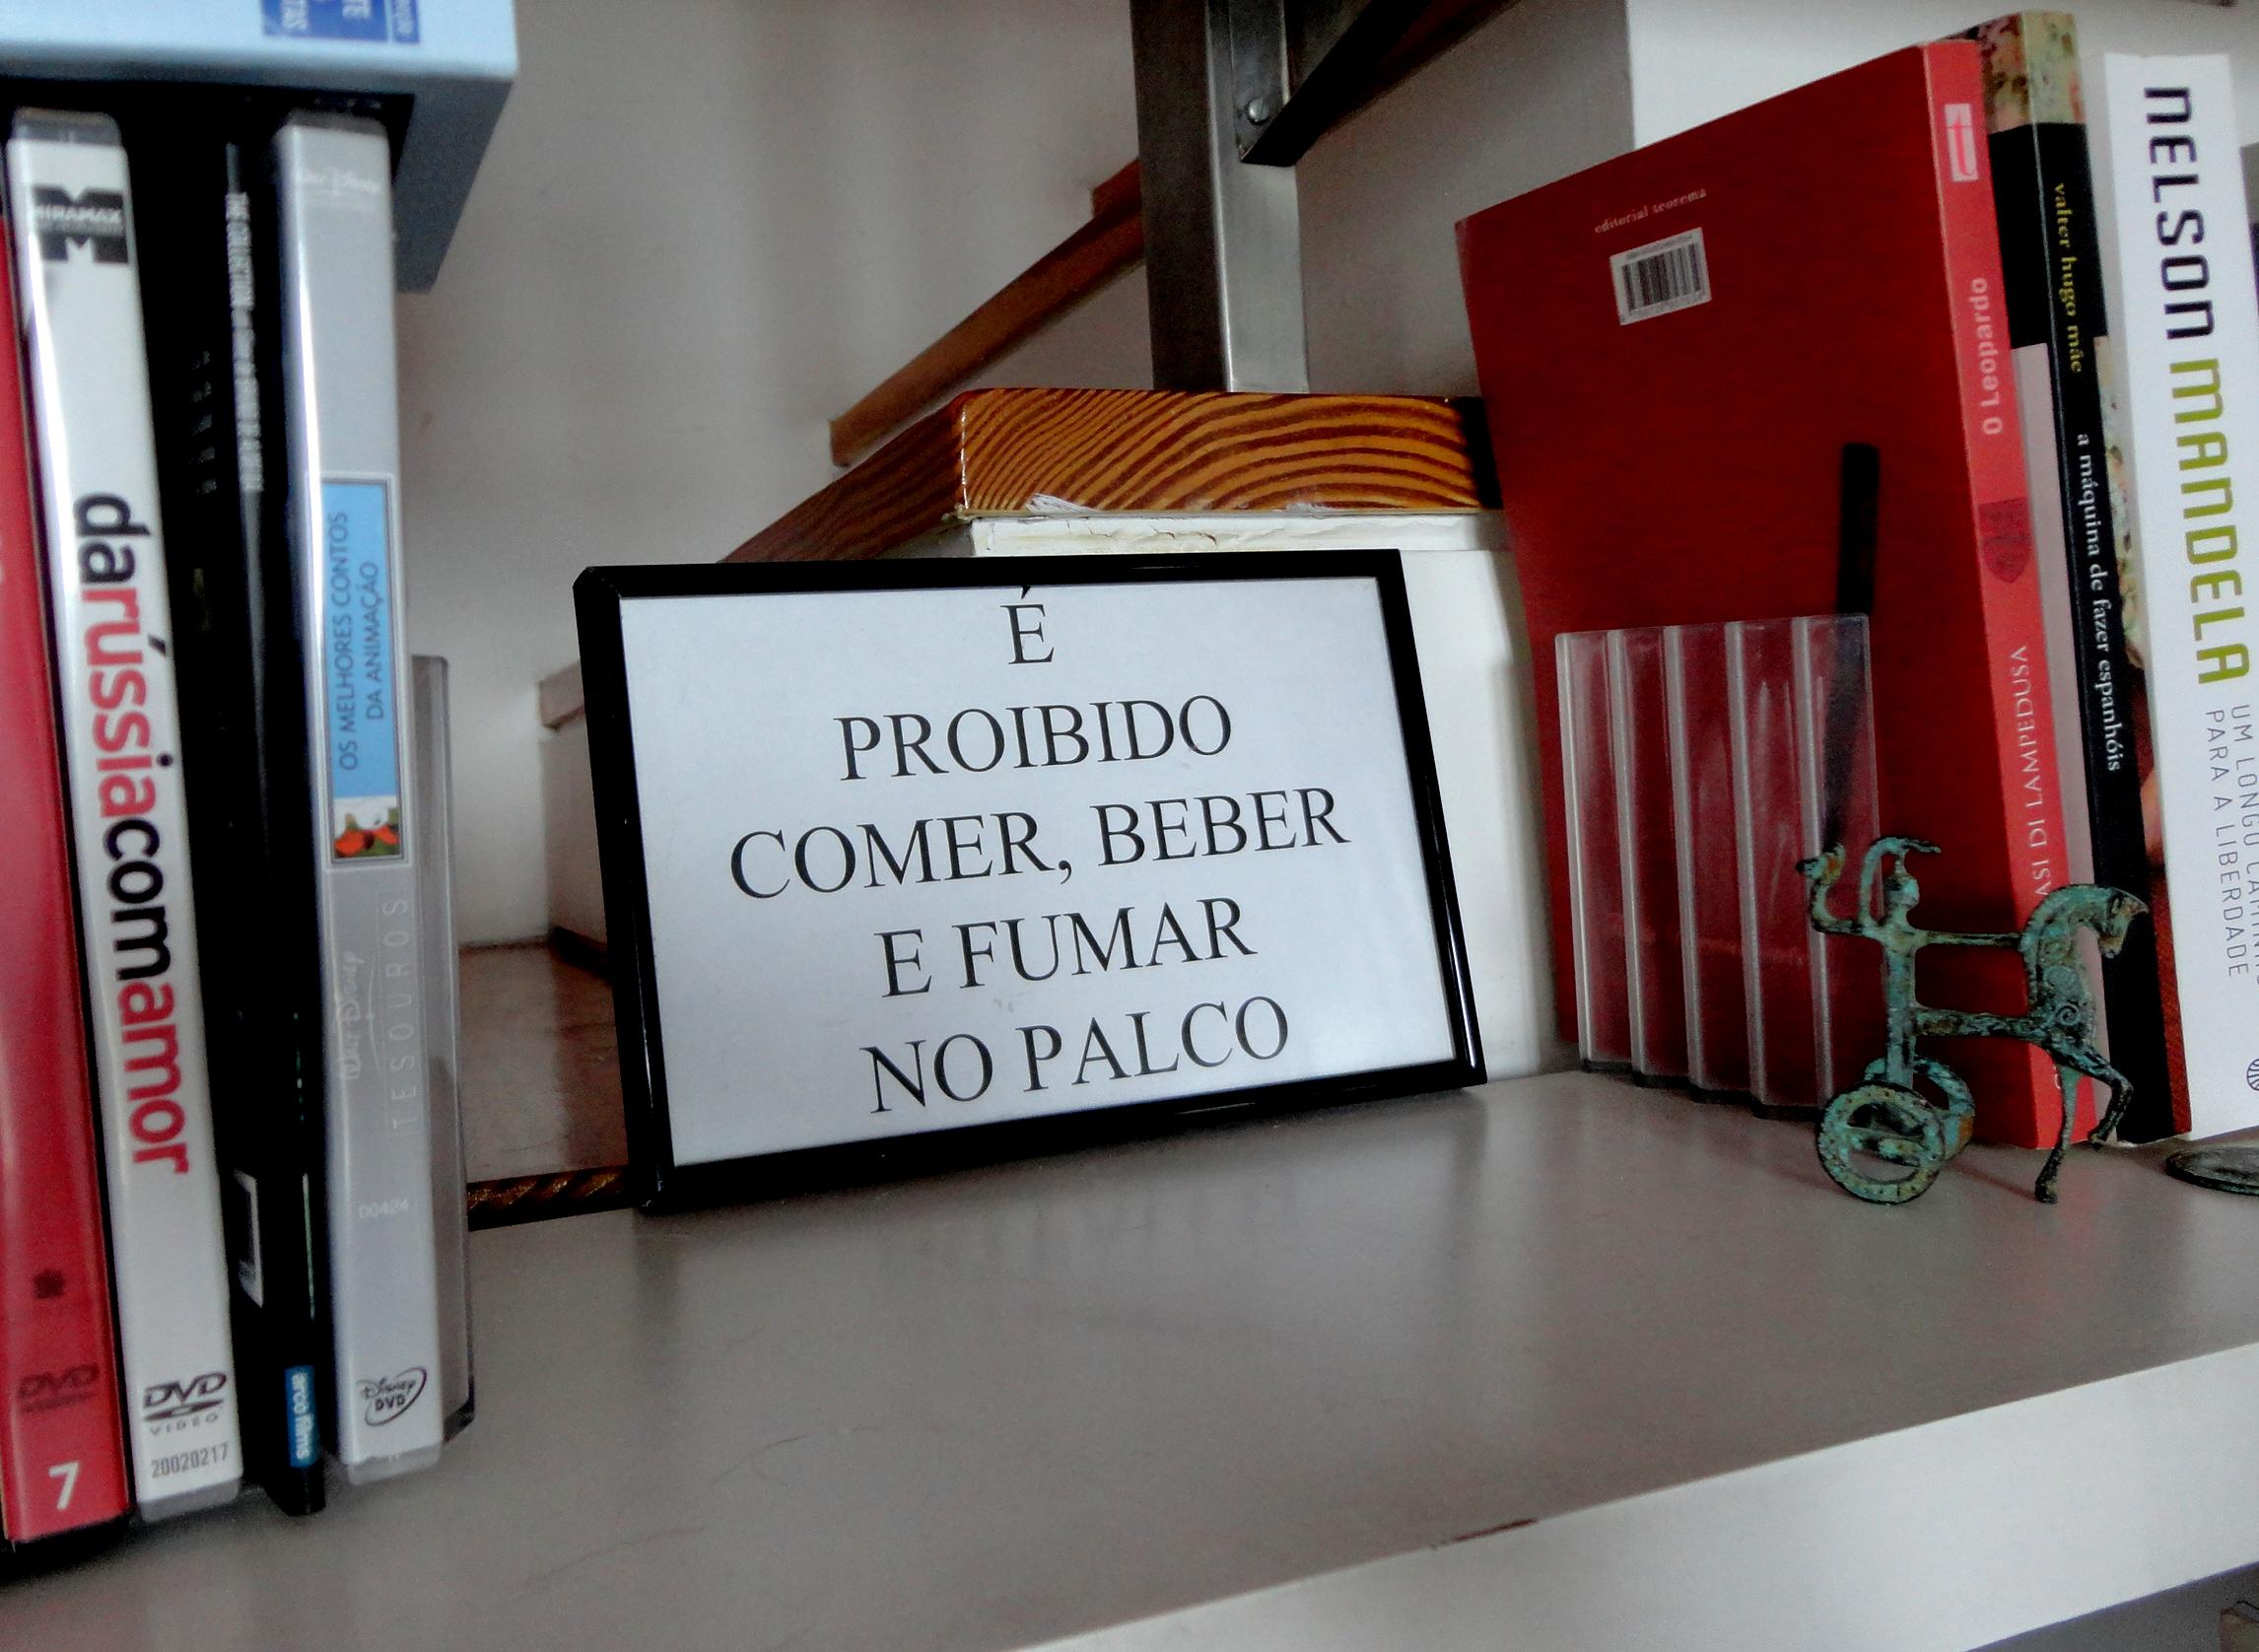 """a sua """"proibição"""" favorita trazida do Brasil. perguntava-me ela: então e se na peça tivéssemos de comer, beber e fumar? como é que fazíamos?"""